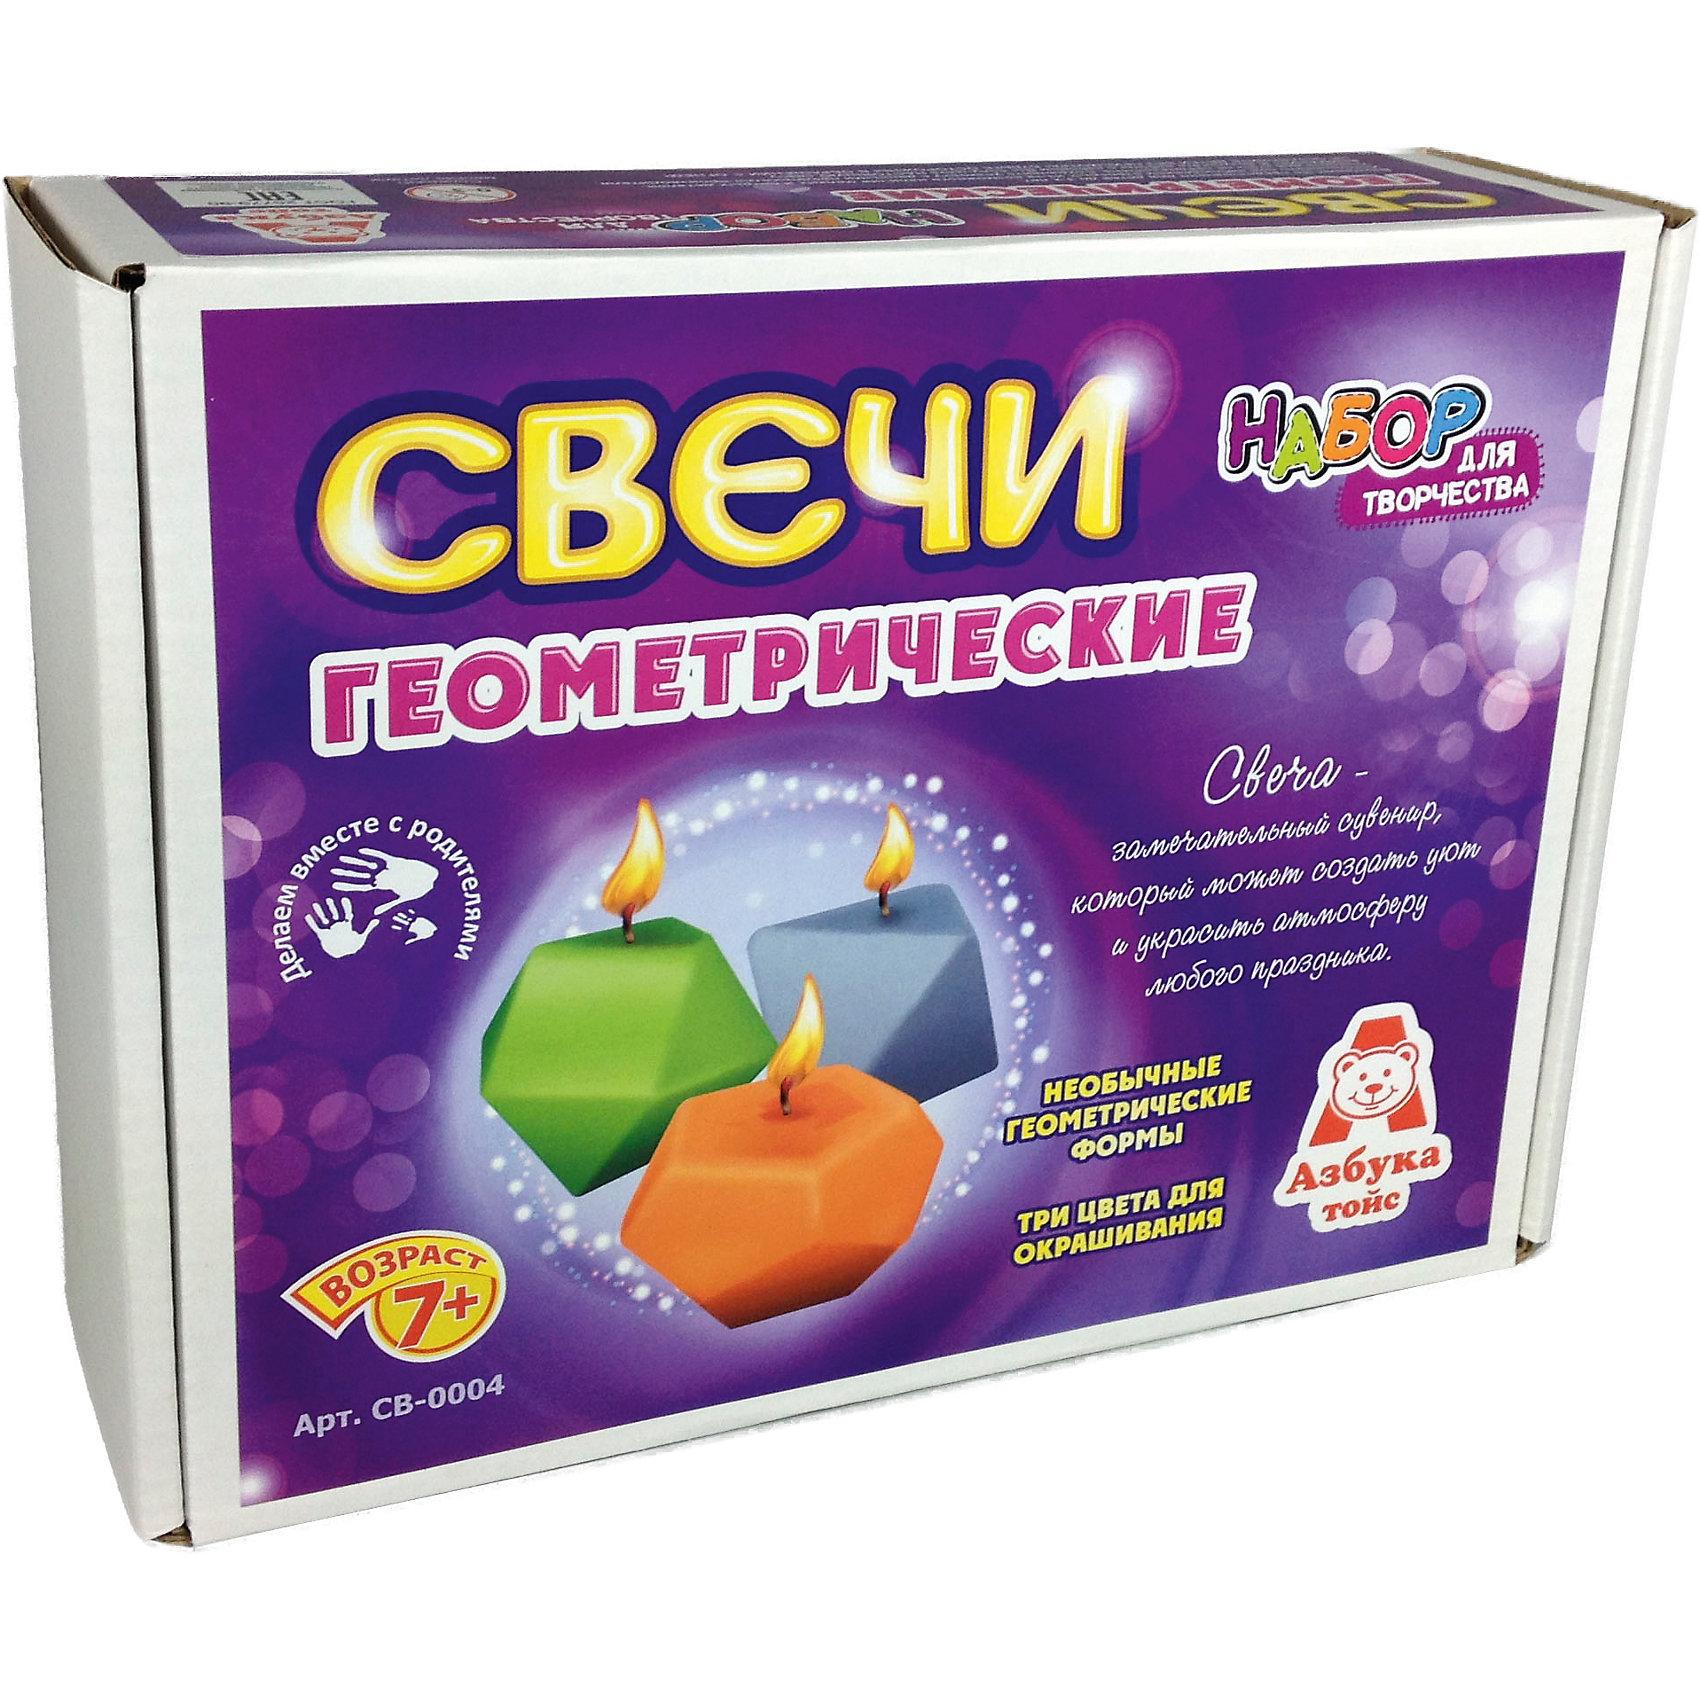 Свечи геметрическиеНаборы для создания свечей<br>Характеристики товара:<br><br>• упаковка: коробка<br>• материал: парафин<br>• возраст: 7+<br>• масса: 306 г<br>• габариты: 220х70х170 мм<br>• комплектация: палочка, парафин, кисть для клея, клей, скотч, восковые мелки, шаблоны<br>• страна бренда: РФ<br>• страна изготовитель: РФ<br><br>Магия огня притягательна для всех возрастов. Создание свечей – интересный и необычный опыт в творчестве малышей. Набор содержит все необходимое, чтобы создать необычную свечу. Готовую свечу можно использовать, как по прямому назначению, так и как элемент декора. <br>Набор станет отличным подарком ребенку, так как он сможет сам сделать красивую вещь для себя или в качестве подарка близким! Материалы, использованные при изготовлении товара, сертифицированы и отвечают всем международным требованиям по качеству. <br><br>Свечи геометрические от бренда Азбука Тойс можно приобрести в нашем интернет-магазине.<br><br>Ширина мм: 220<br>Глубина мм: 70<br>Высота мм: 170<br>Вес г: 306<br>Возраст от месяцев: 84<br>Возраст до месяцев: 144<br>Пол: Унисекс<br>Возраст: Детский<br>SKU: 5062894